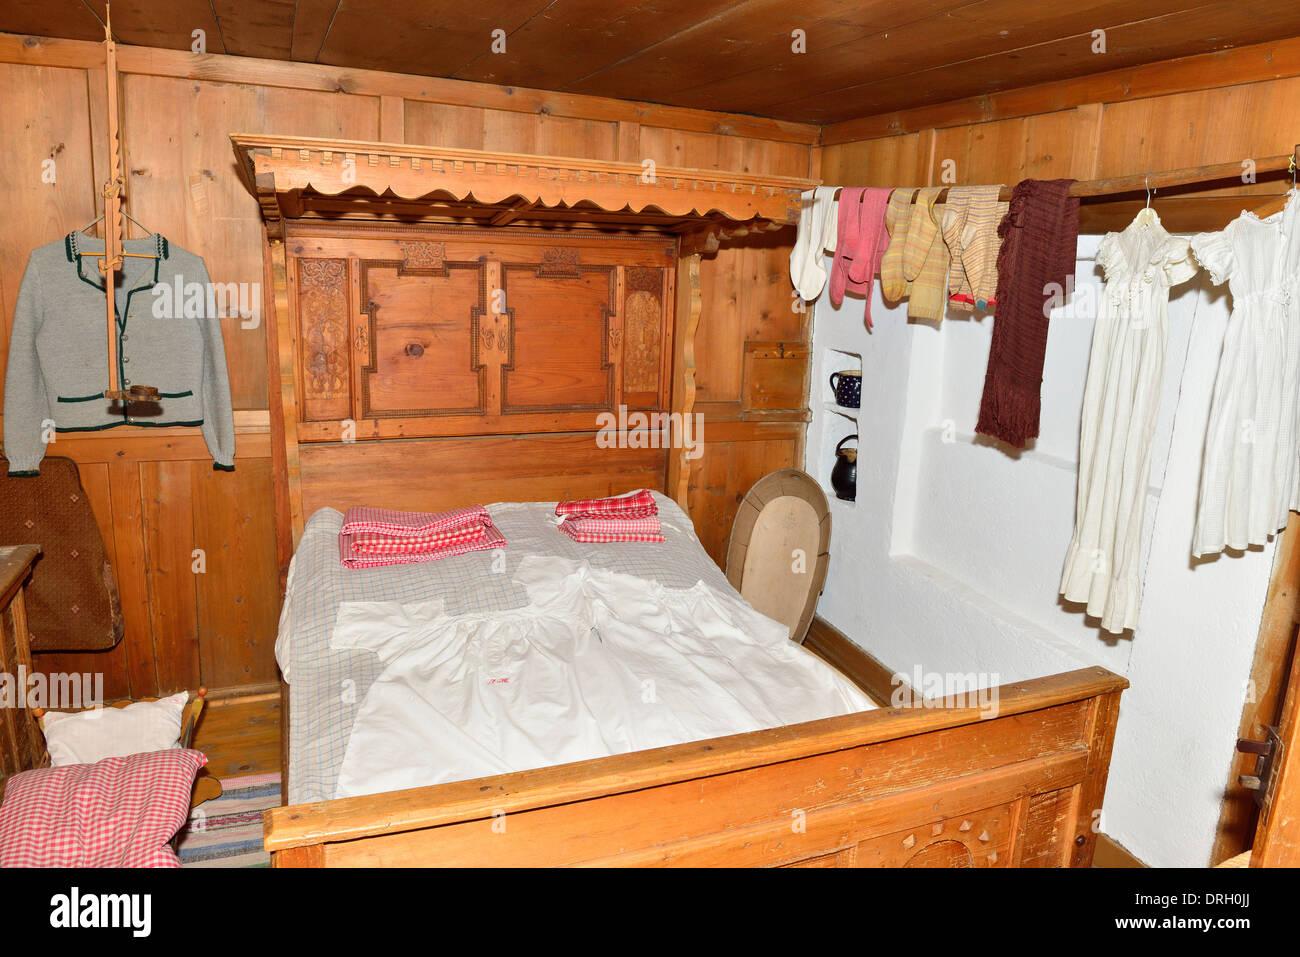 Typisches Zimmer In Einem Traditionellen Bayerischen Haus Mit Holz Für  Platten, Bett, Möbel Mit Kleidung Hing Im Selben Raum Trocknen